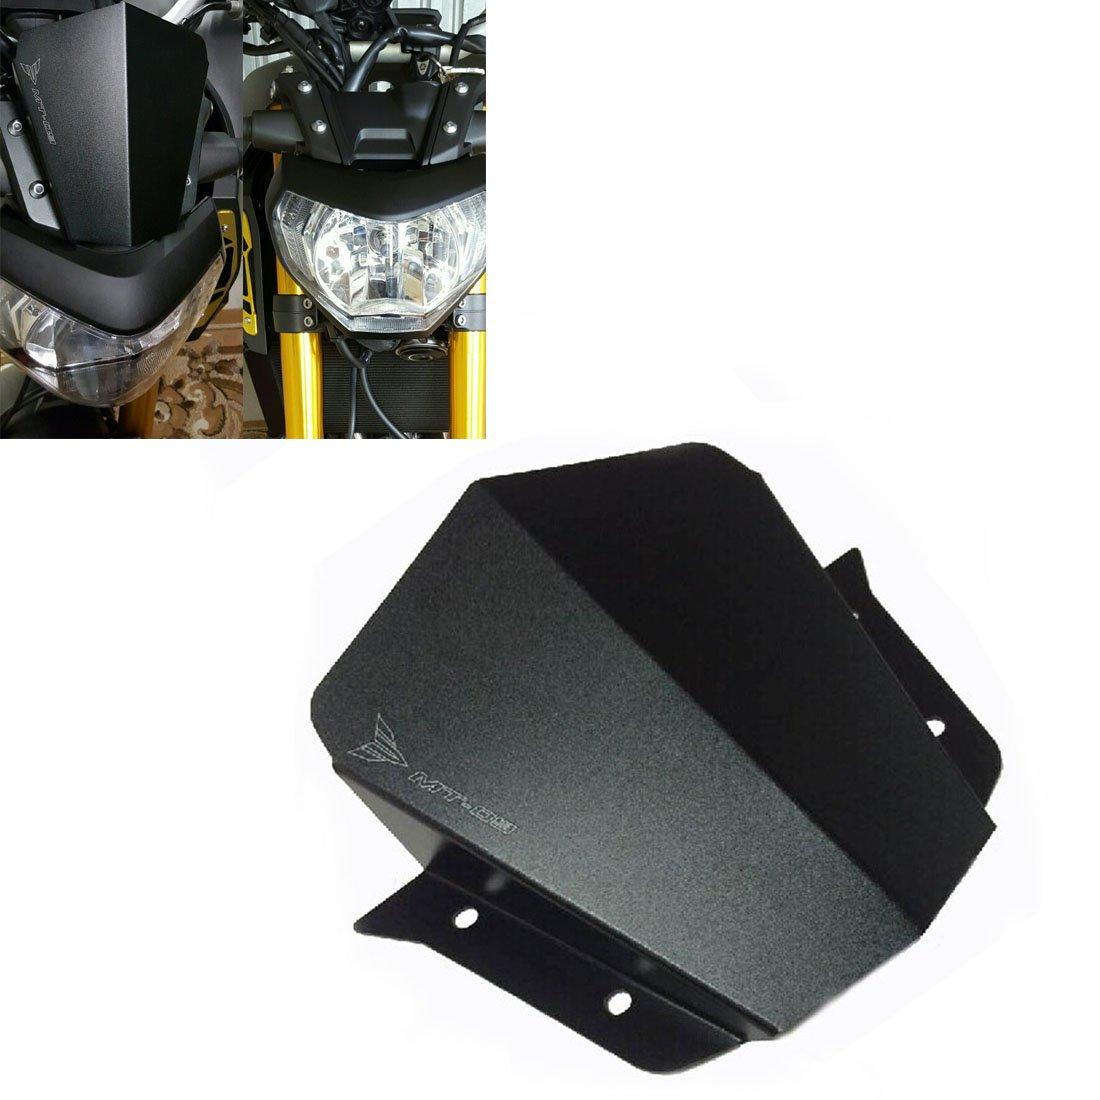 MT09 Parabrezza Cupolino per Yamaha MT-09 MT09 2014 2015 2016 Alluminio Issyzone